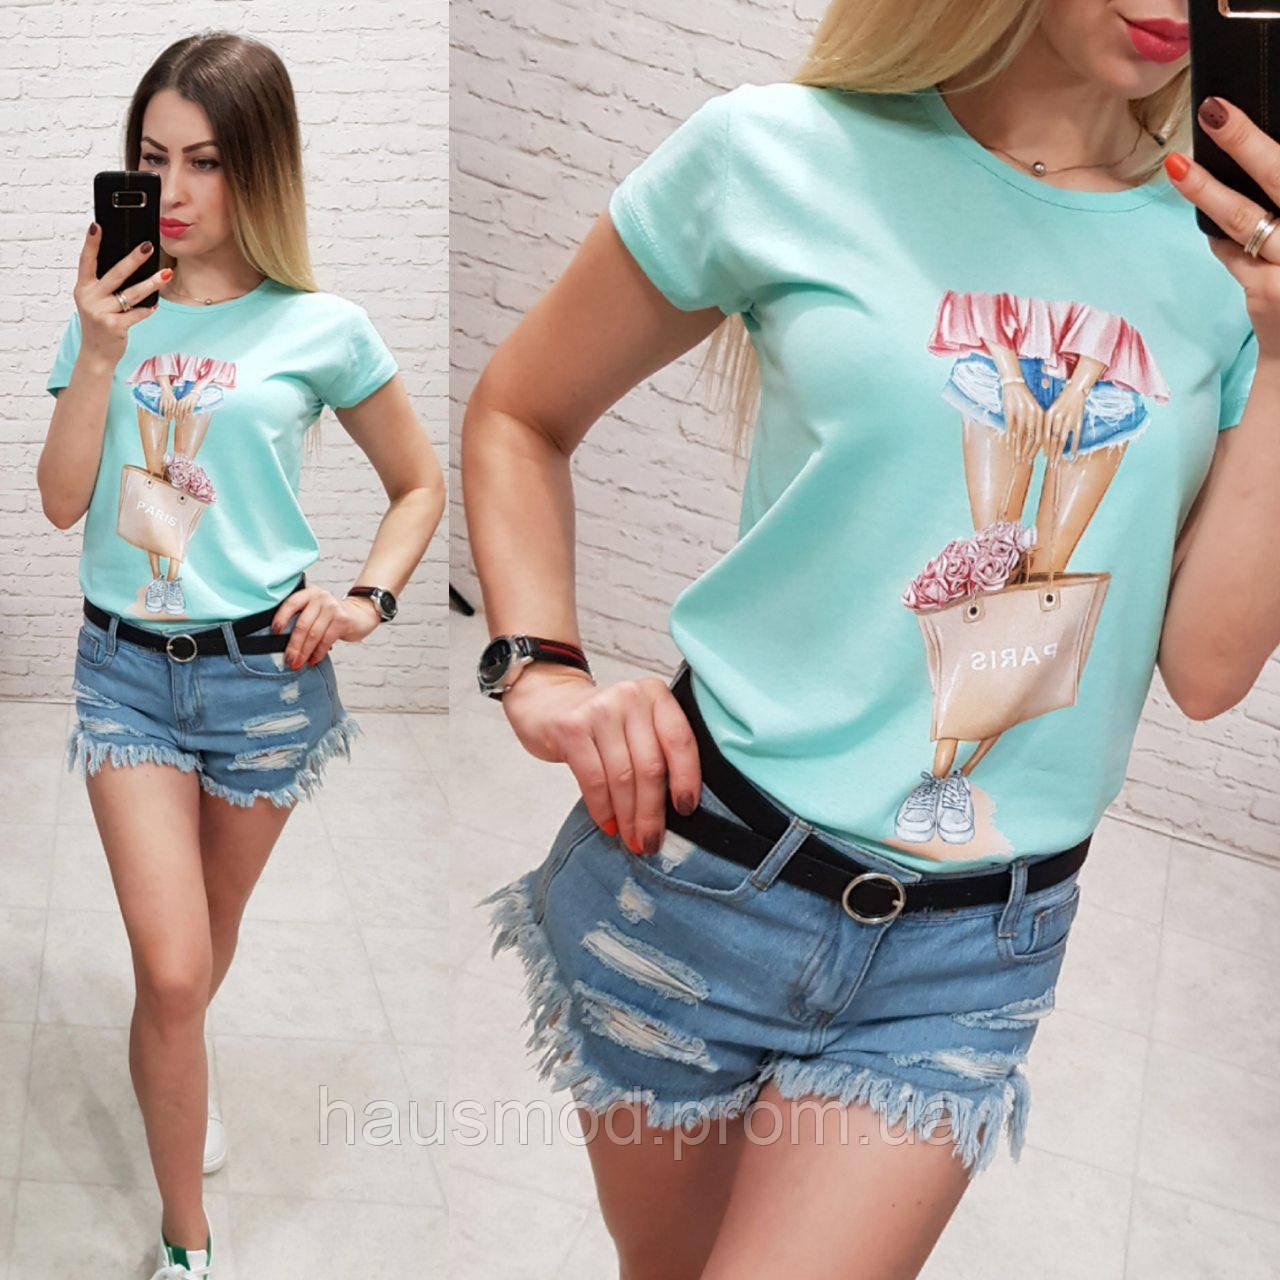 Женская футболка летняя рисунок Девочка качество турция 100% катон цвет бирюзовый